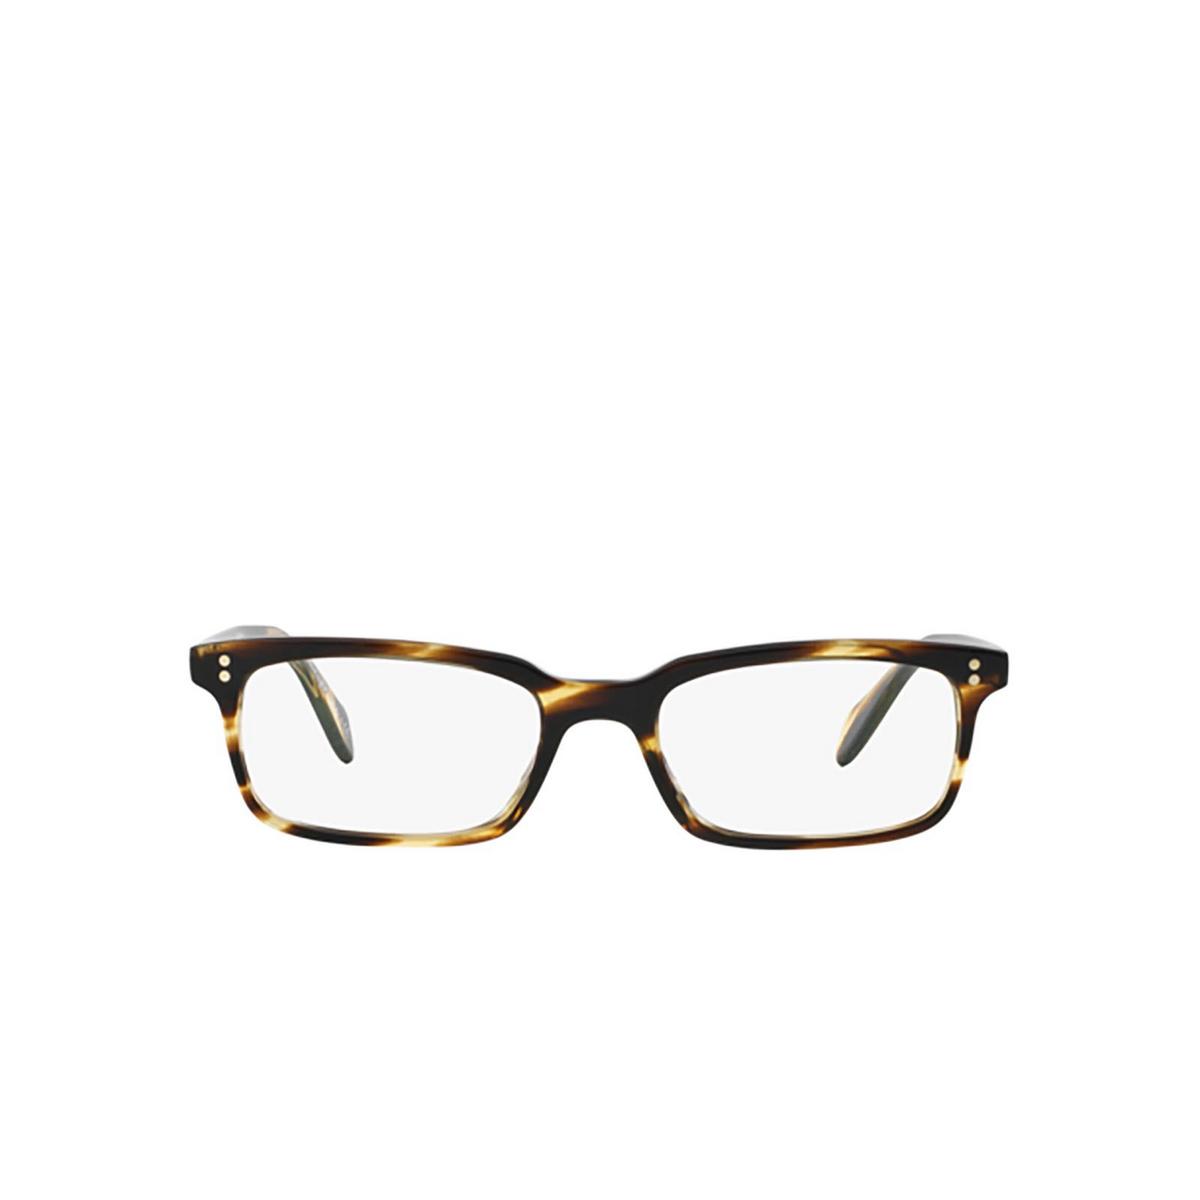 Oliver Peoples® Rectangle Eyeglasses: Denison OV5102 color Cocobolo 1003 - front view.